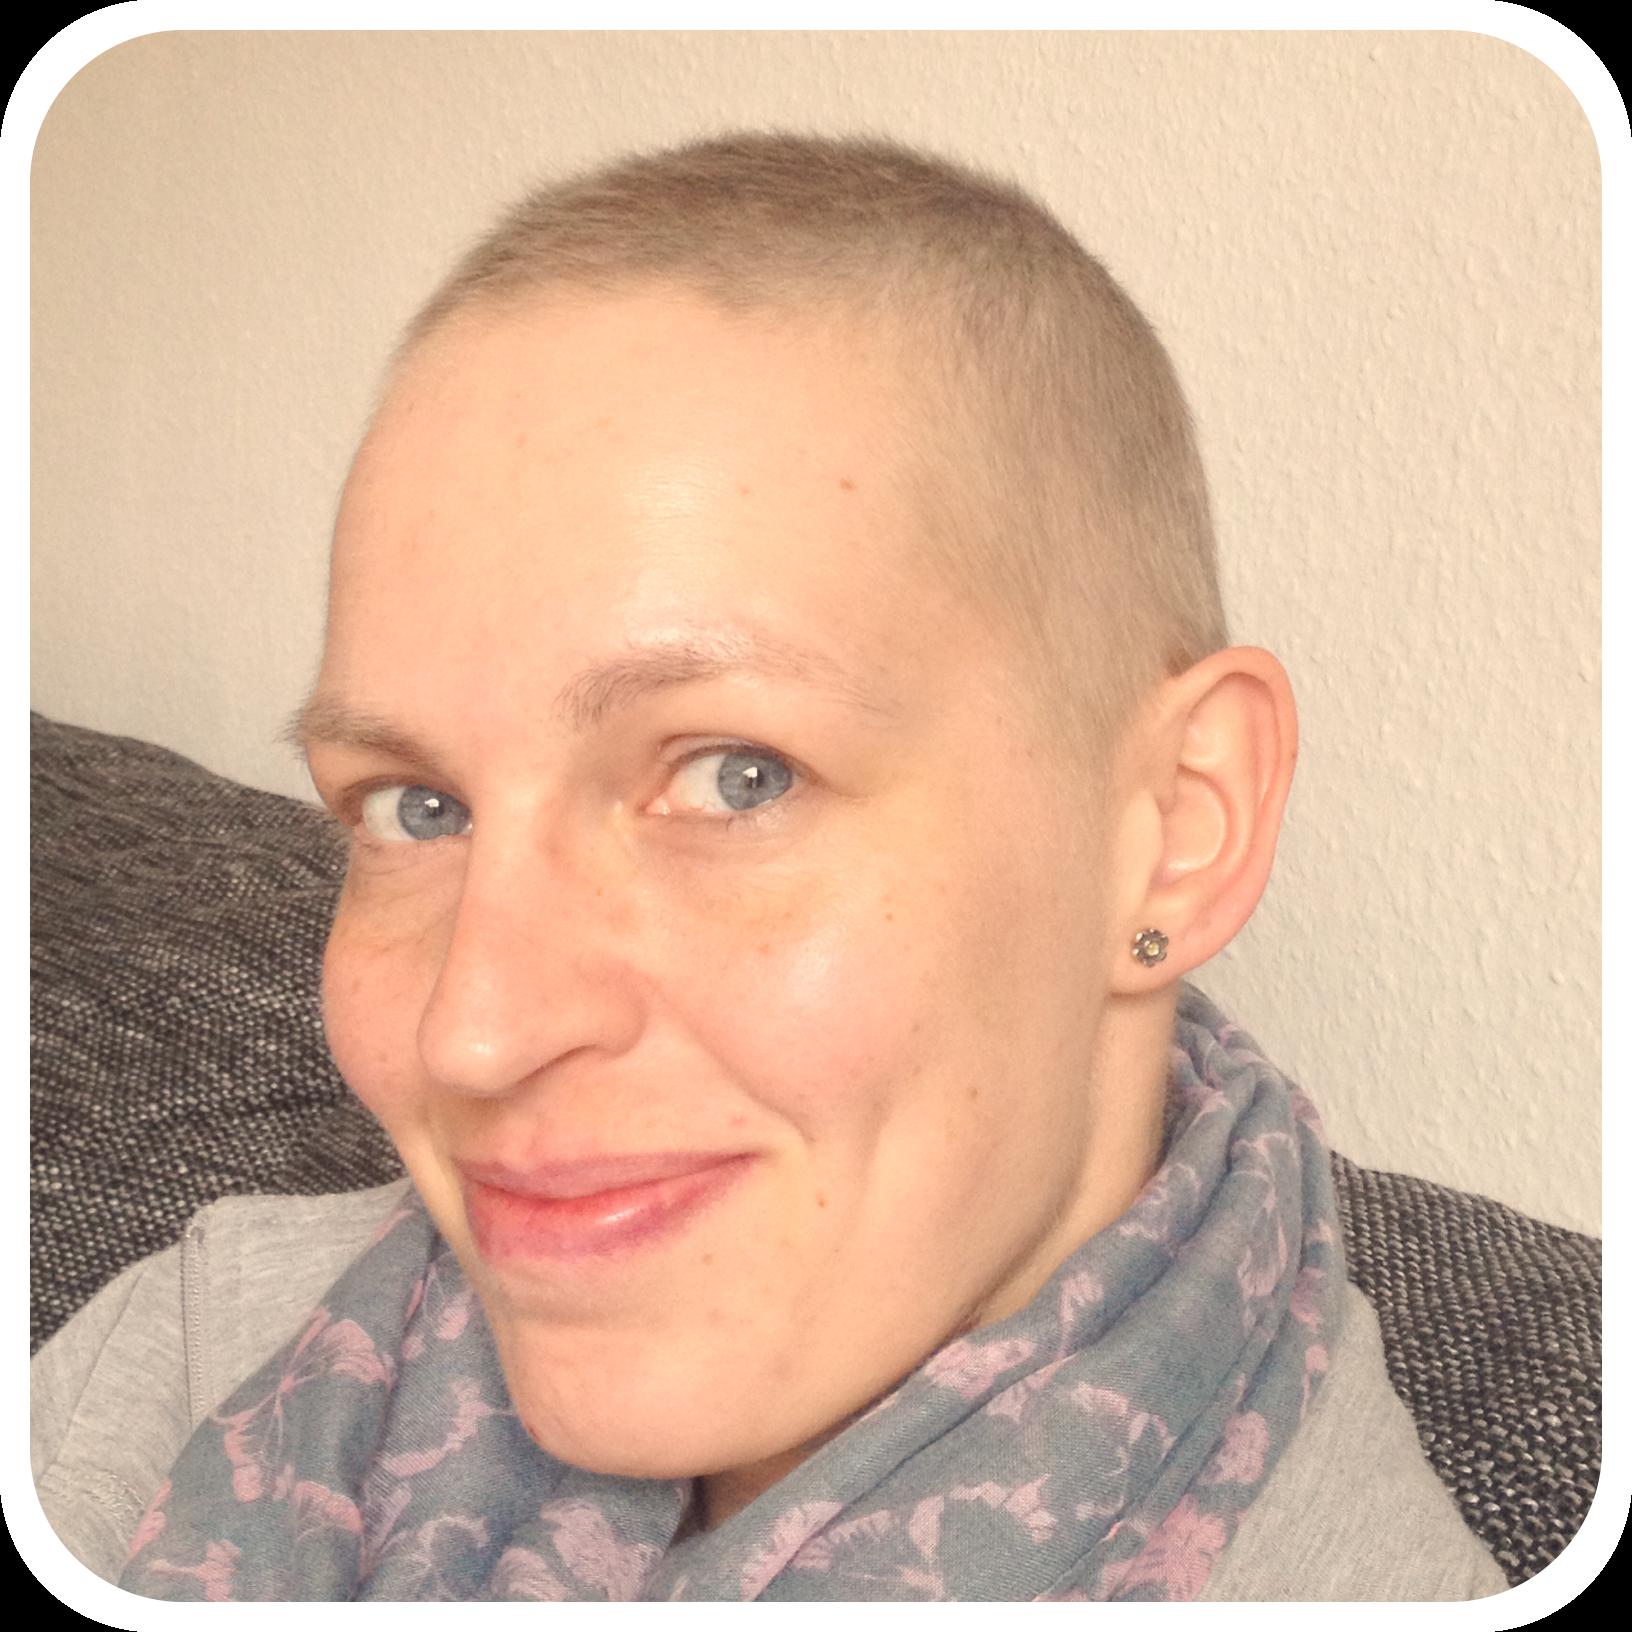 Leben Mit Brustkrebs überleben 20 Den Brustkrebs Besiegen Seite 7